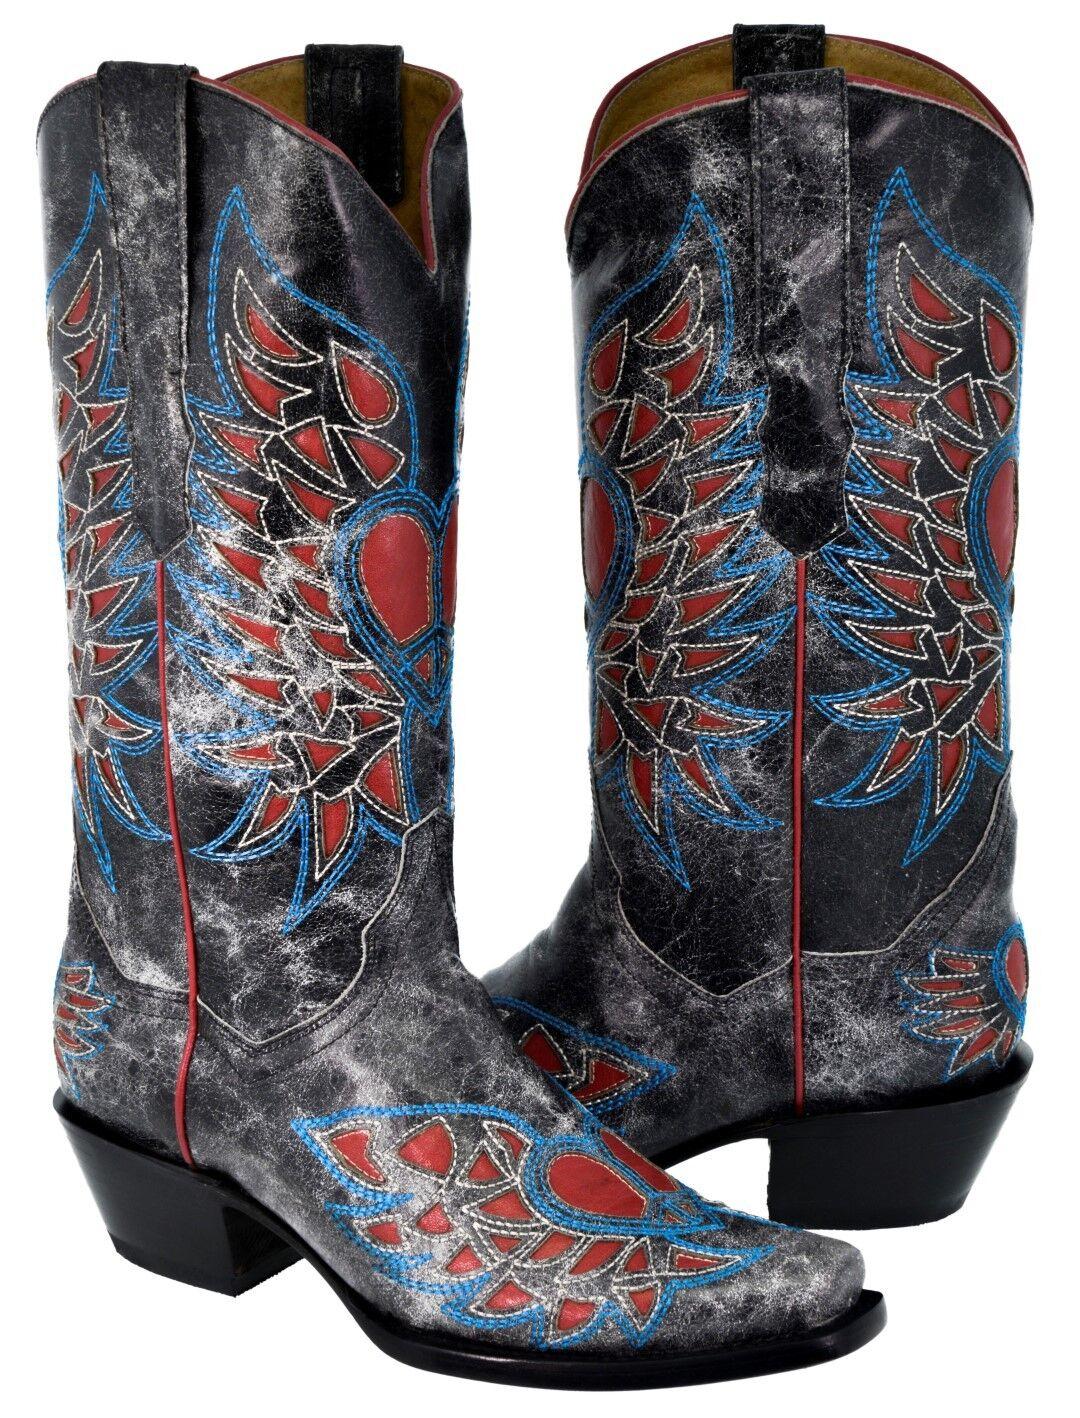 rivenditore di fitness donna Heart Wings Inlay Inlay Inlay nero Distressed Leather Cowboy stivali Western Wear  elementi di novità